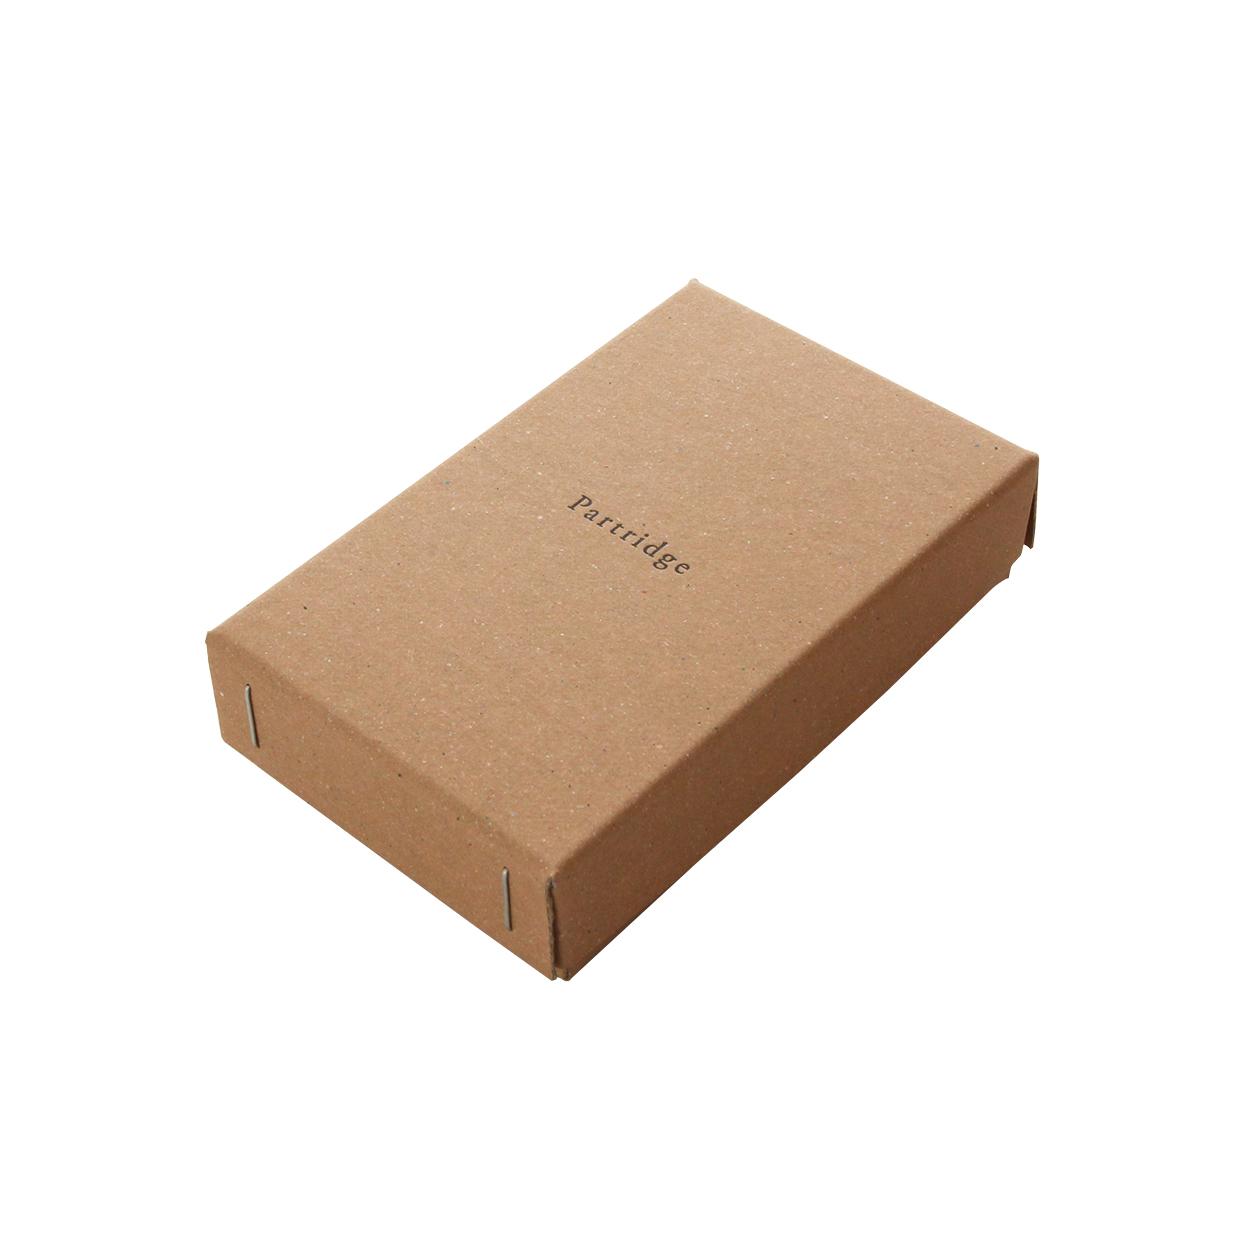 サンプル 箱(ホッチキスどめ) 00032